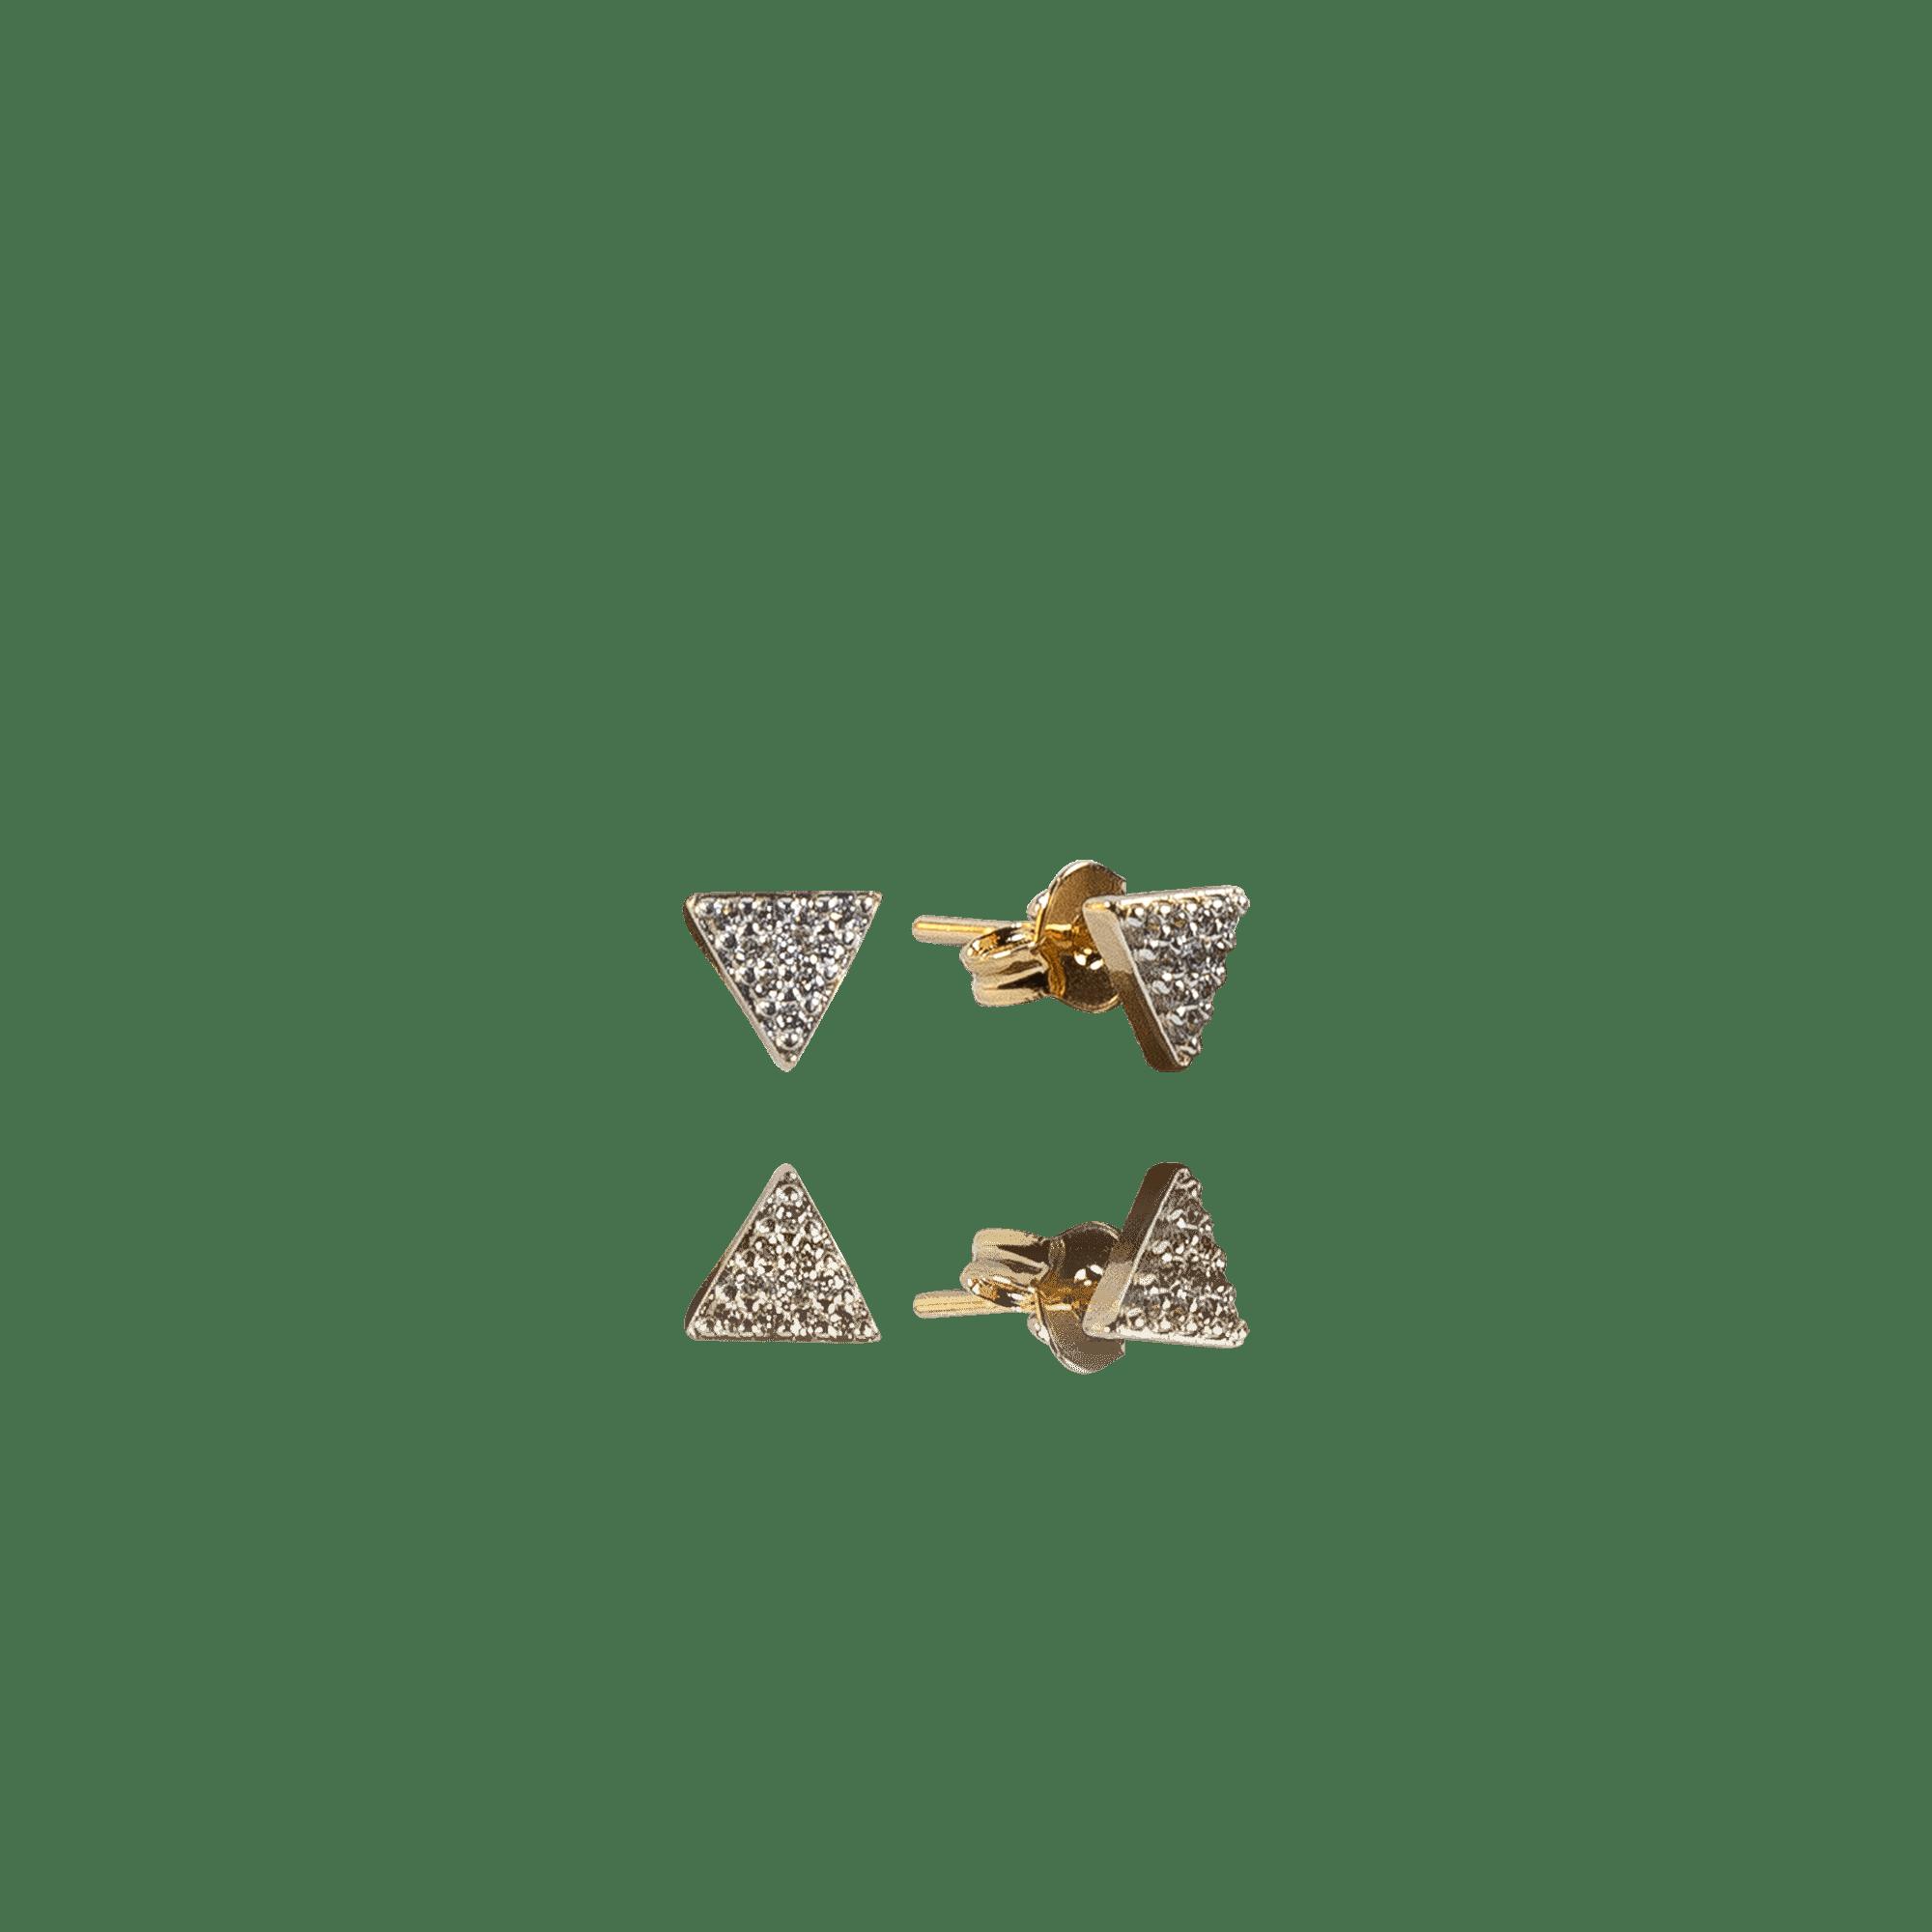 Brinco Dourado Pirâmide com Zircônias